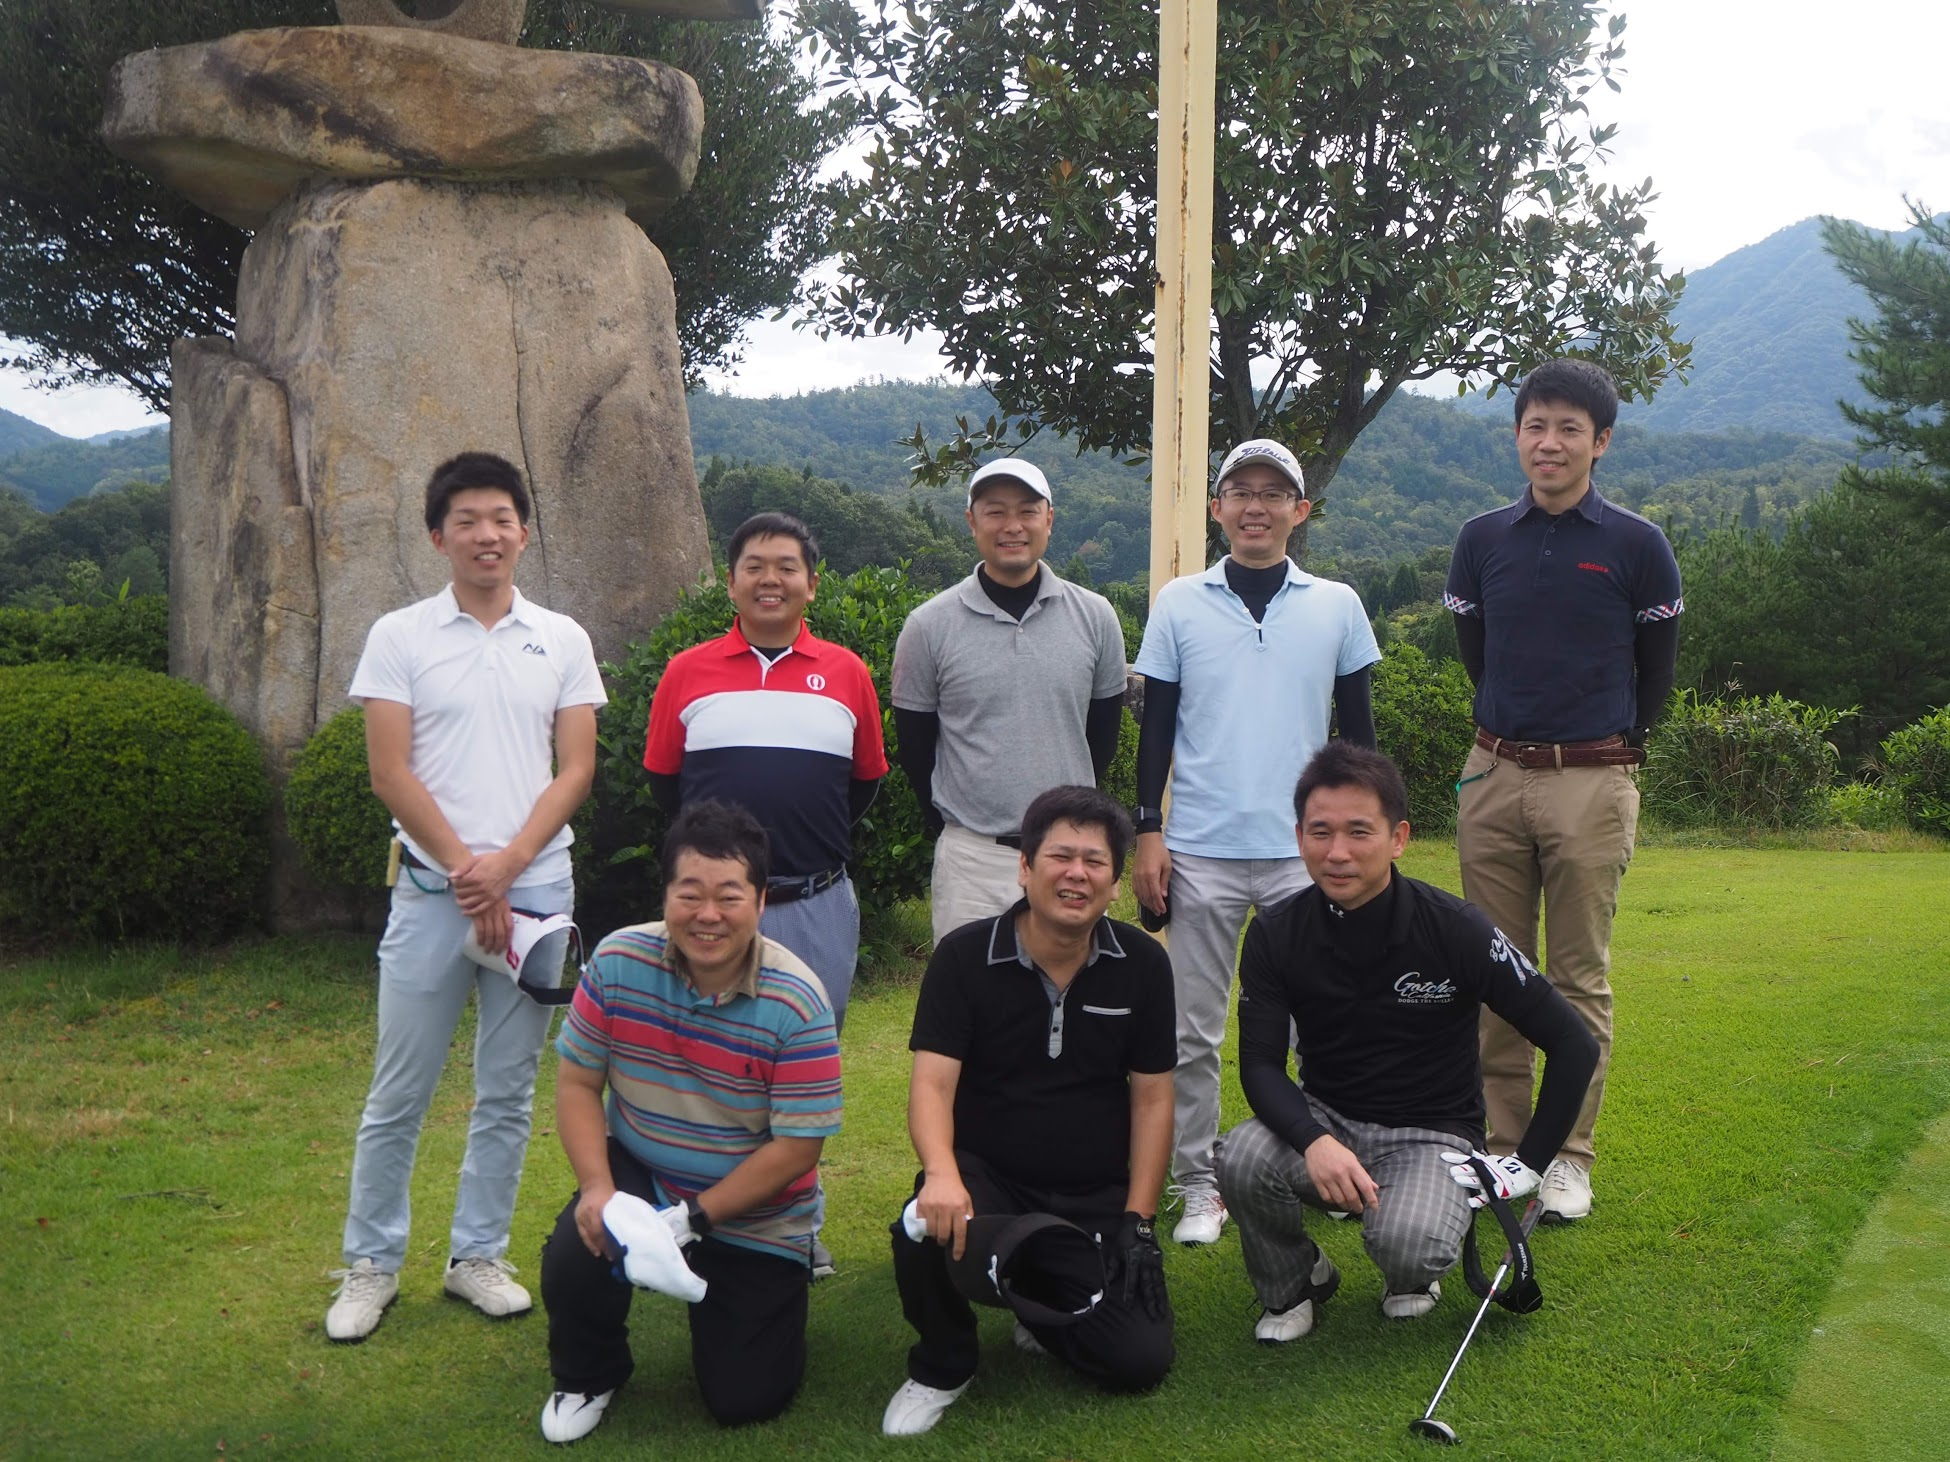 第6回江津じゃがいもゴルフコンペ